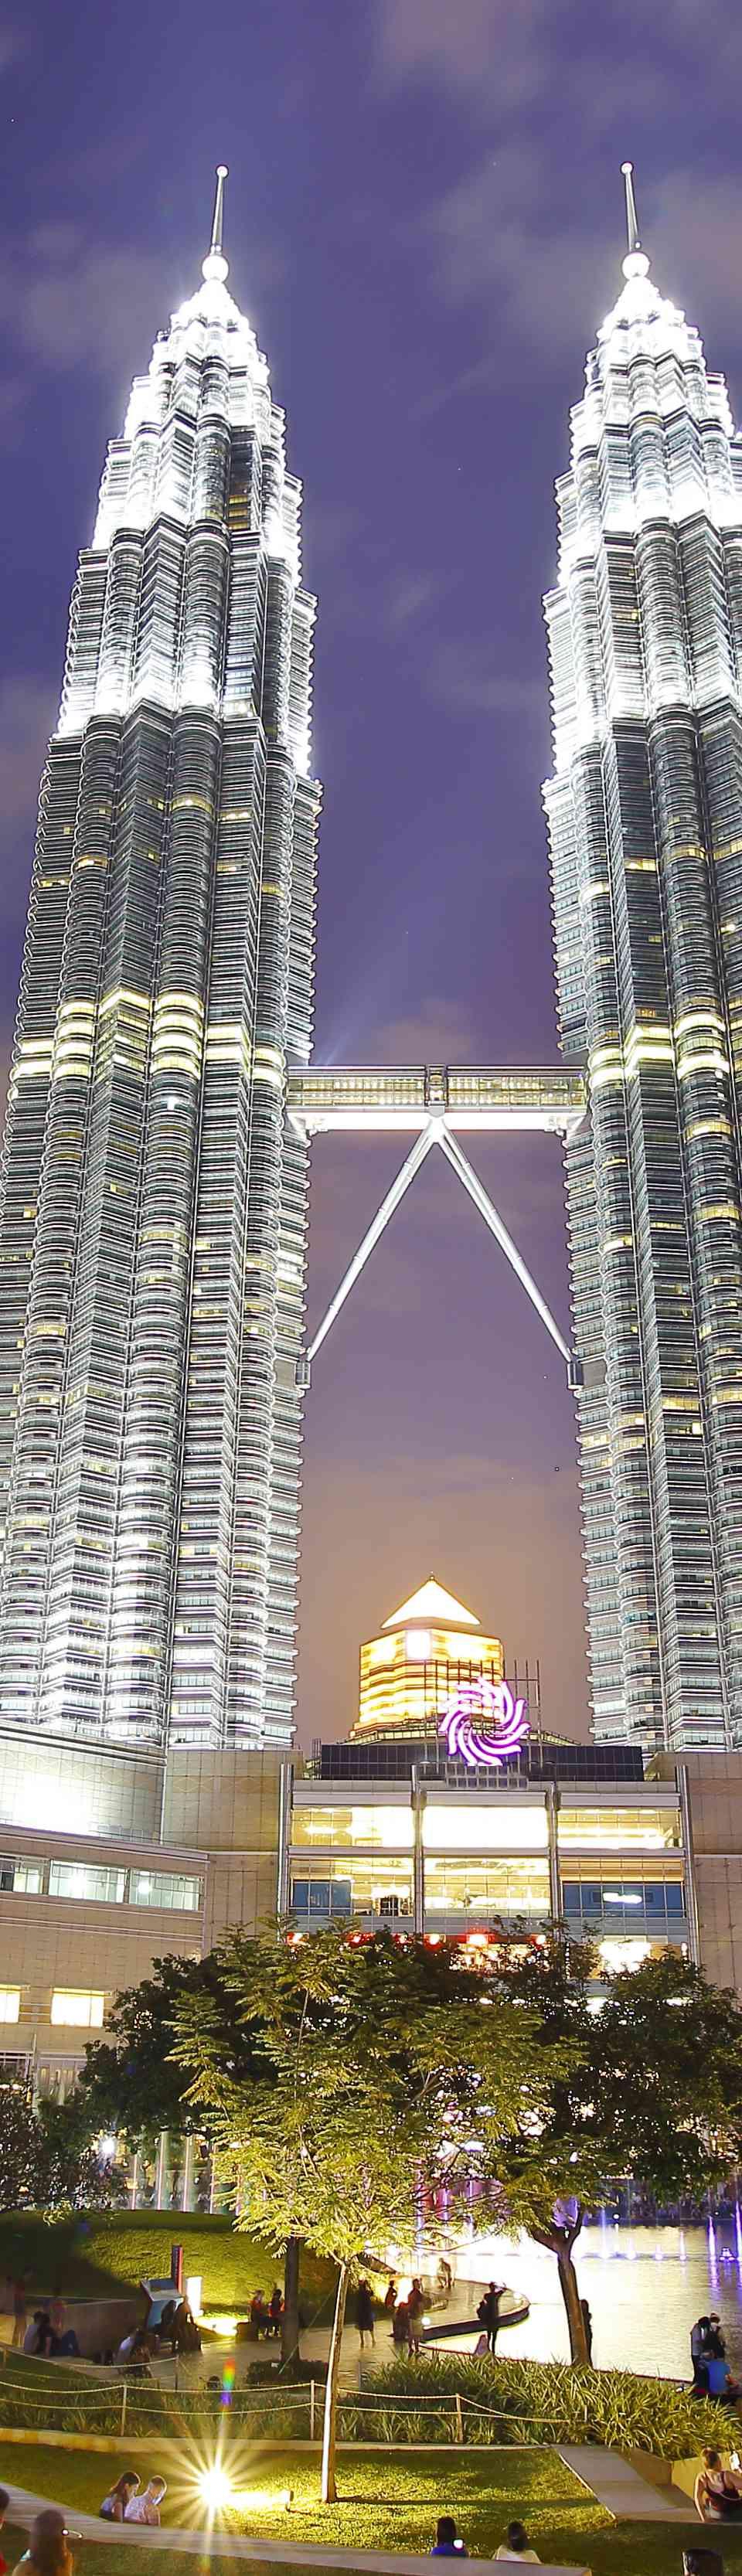 KLCC buildings in Kuala Lumpur, Malaysia